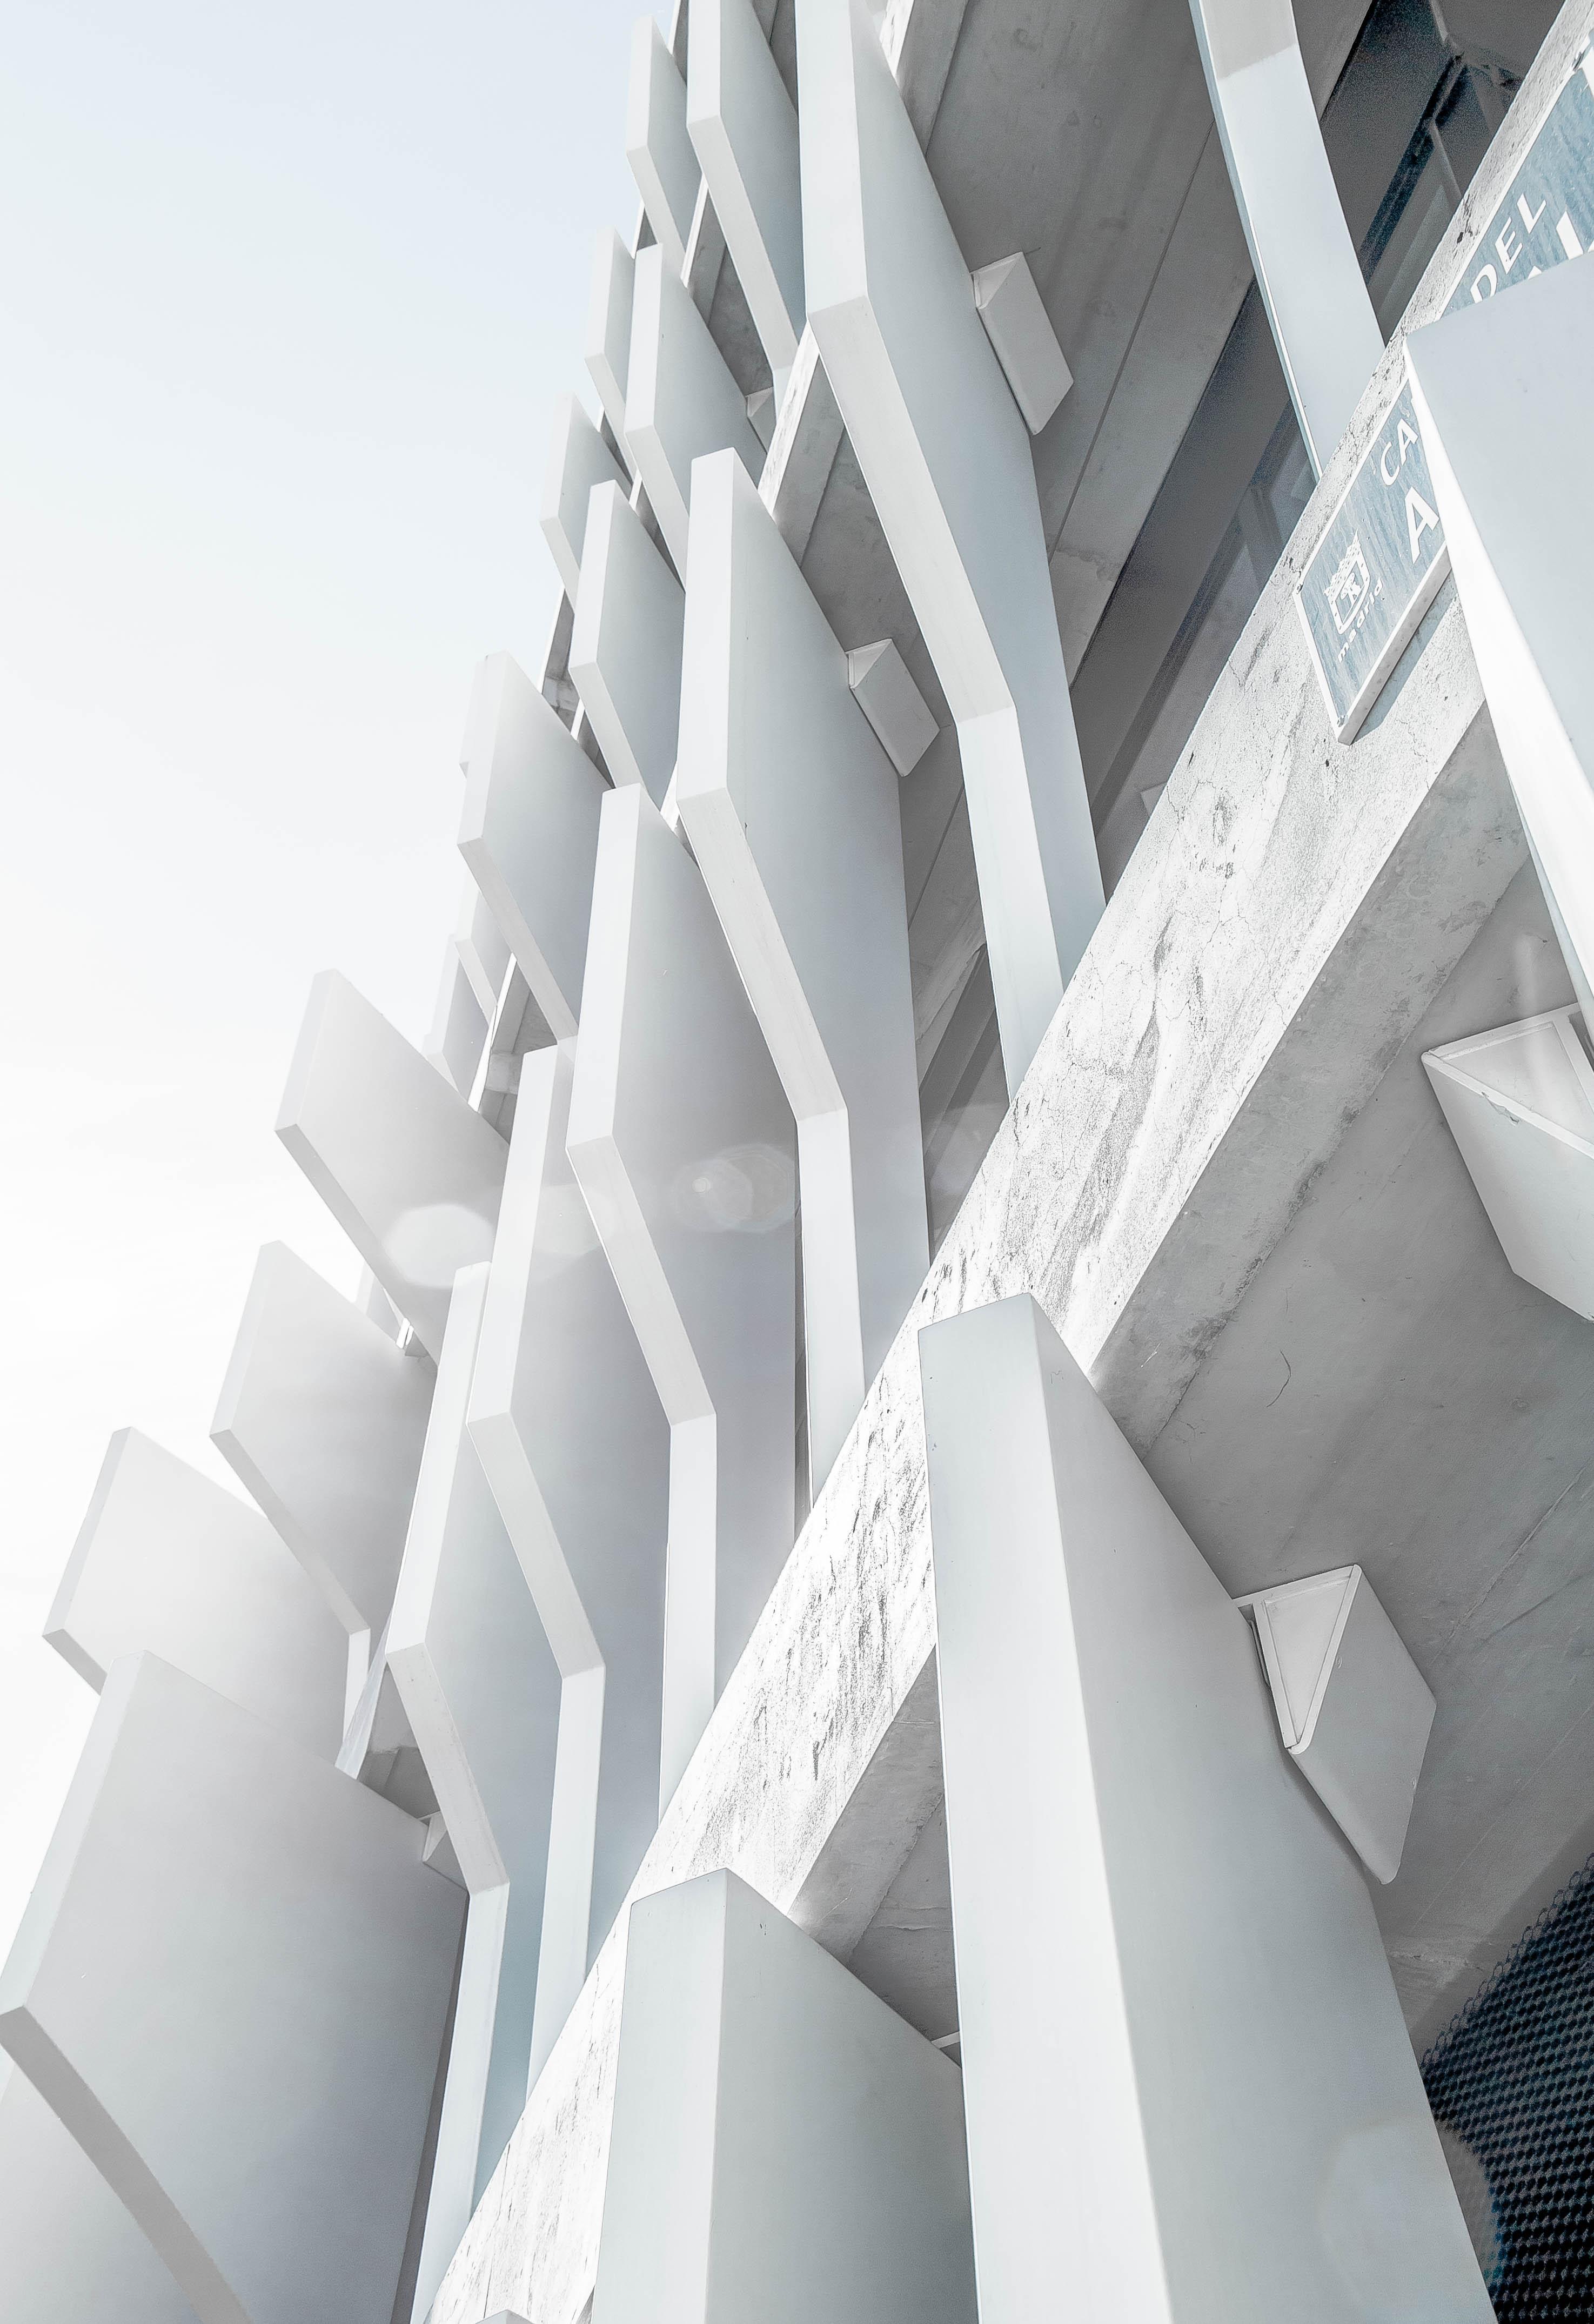 Escalier Interieur Beton Design images gratuites : architecture, structure, blanc, bâtiment